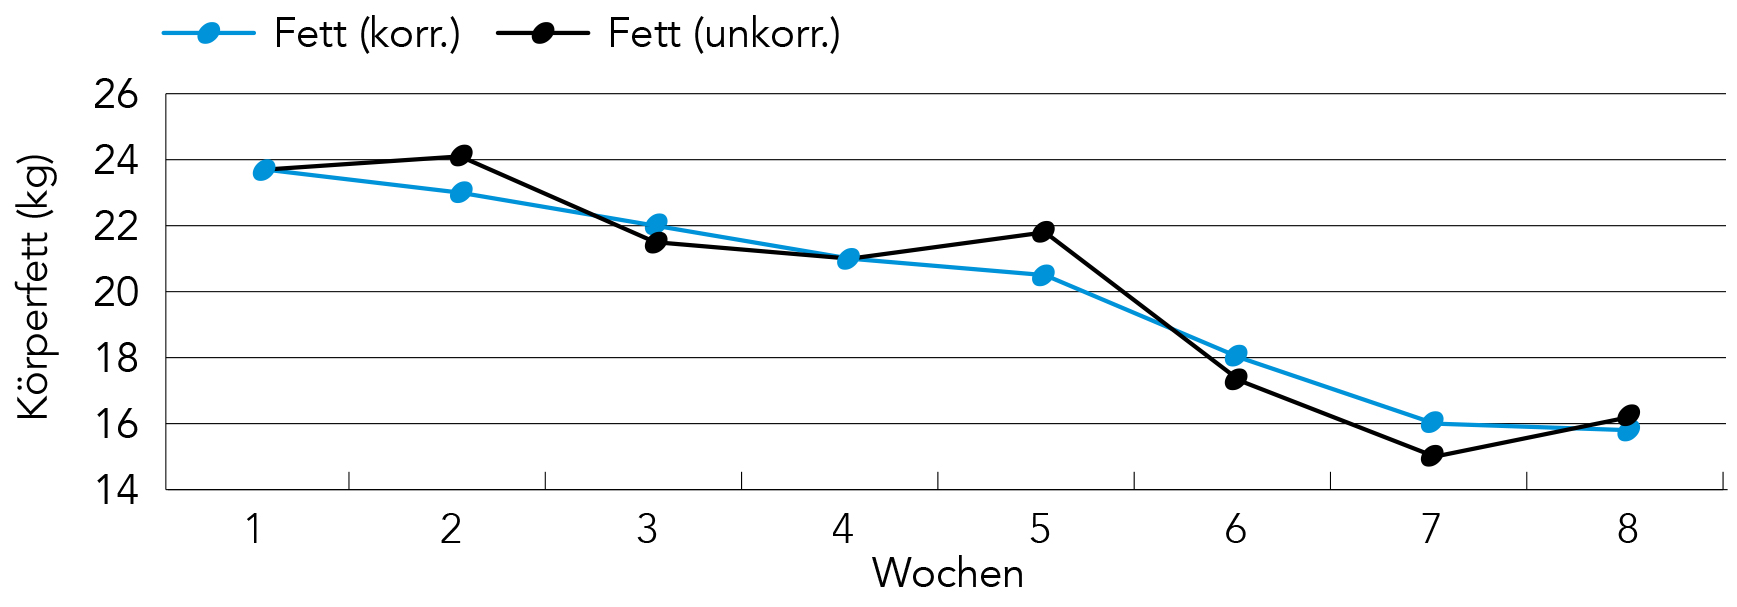 Verlaufsdiagramm des Körperfettanteil bei Reduktionsdiät